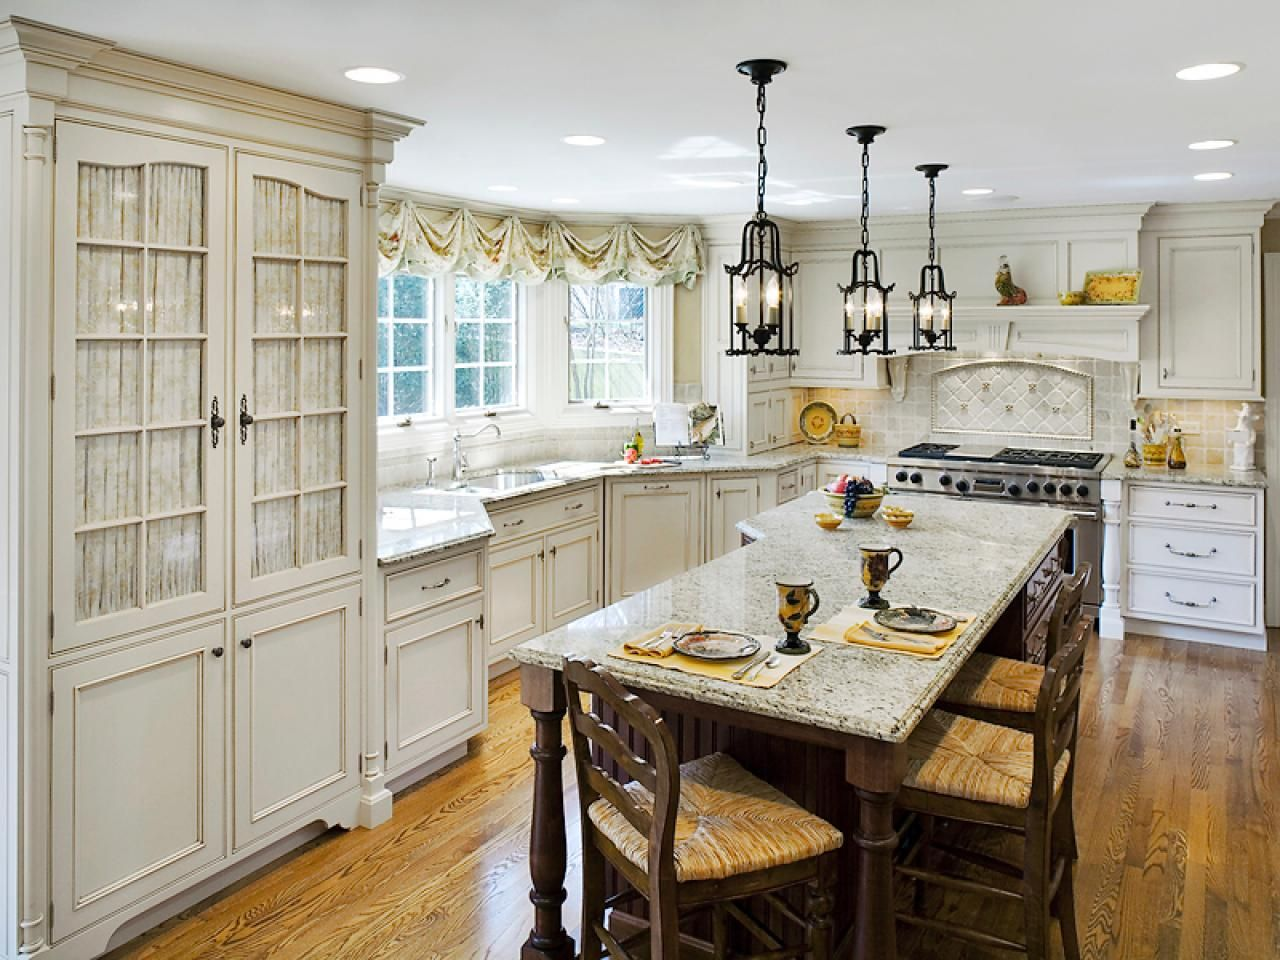 French Country Kitchens | French country kitchens, Hgtv and Kitchens